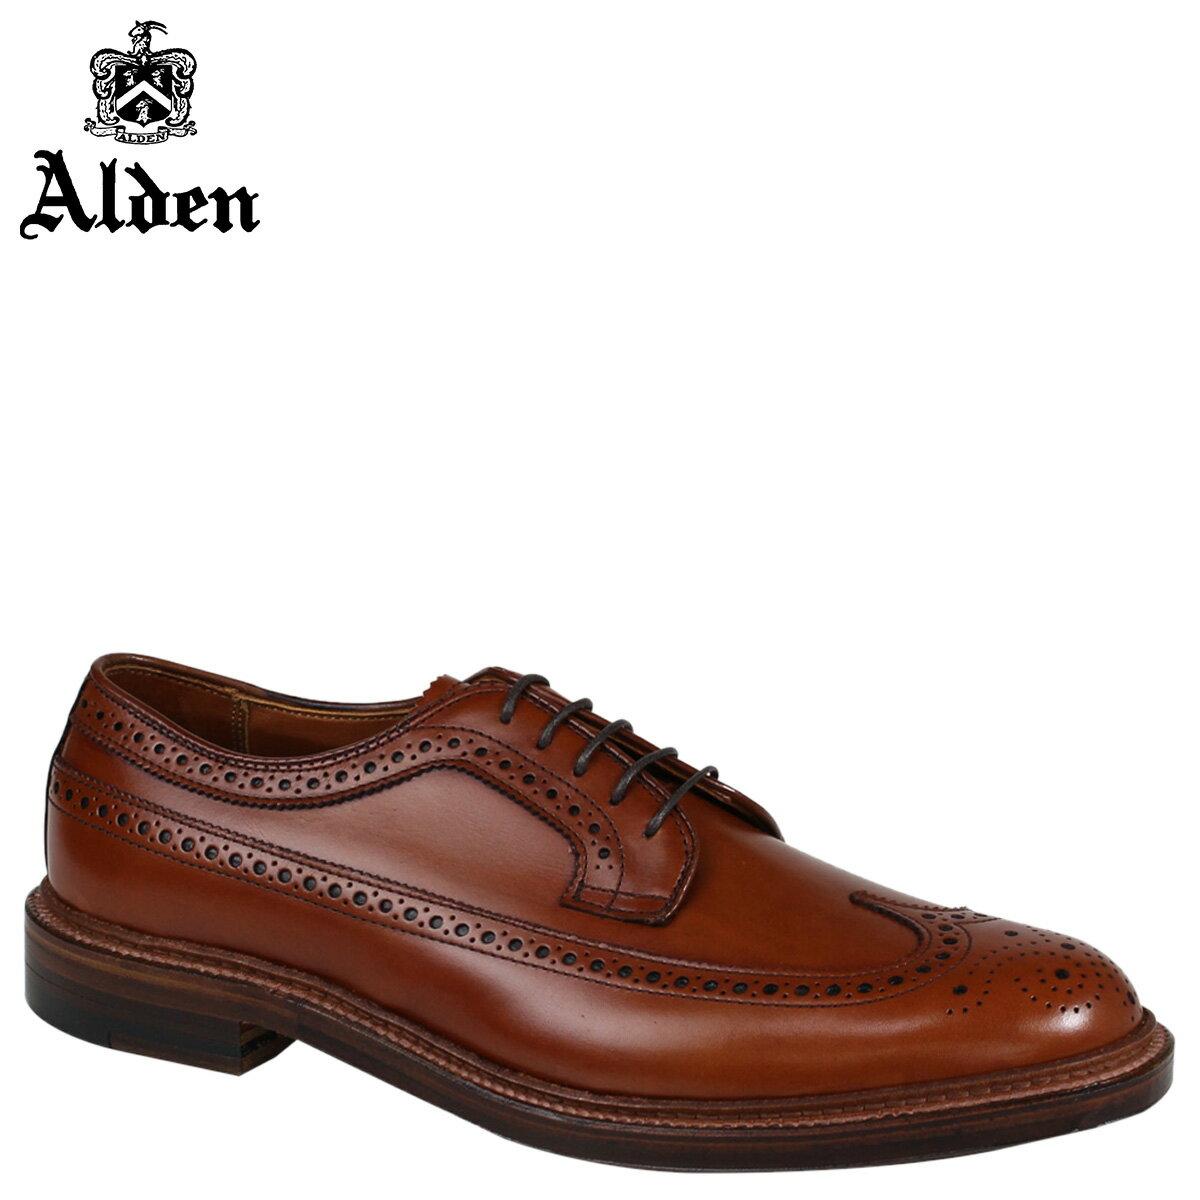 ALDEN オールデン ウイングチップ シューズ メンズ LONG WING BLUCHER Dワイズ 979